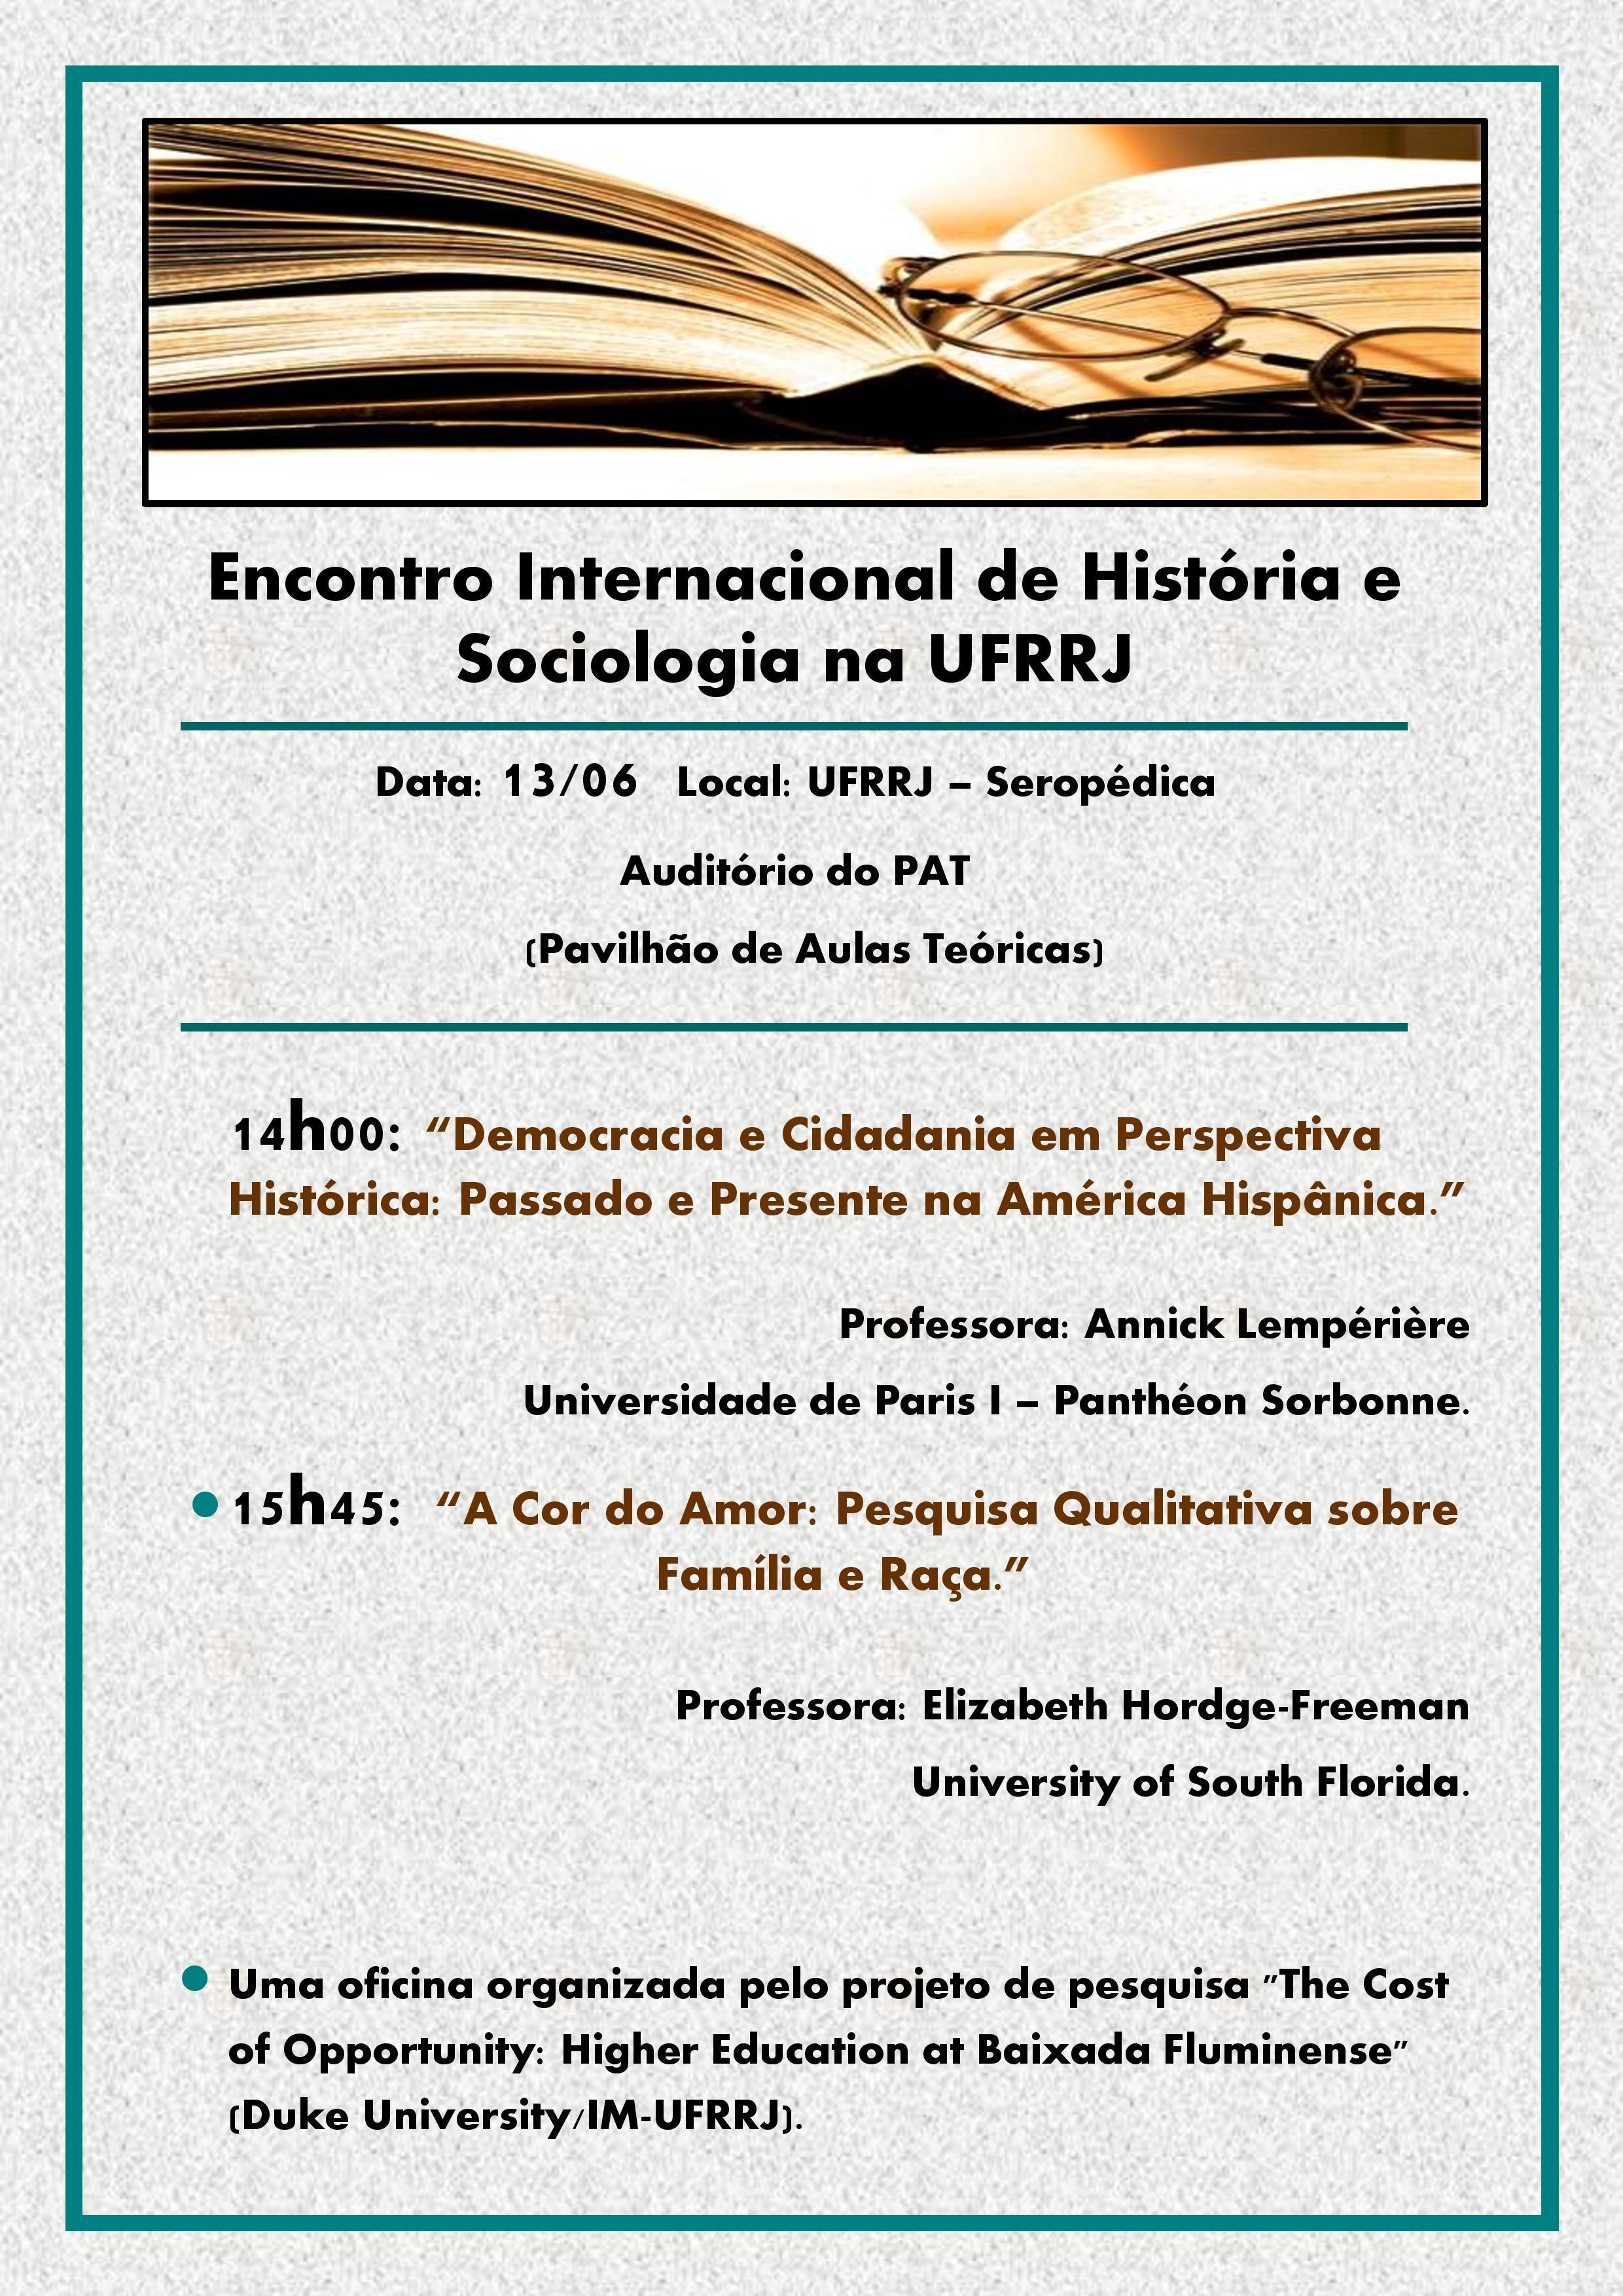 Leaflet UFRRJ for 6-13-16